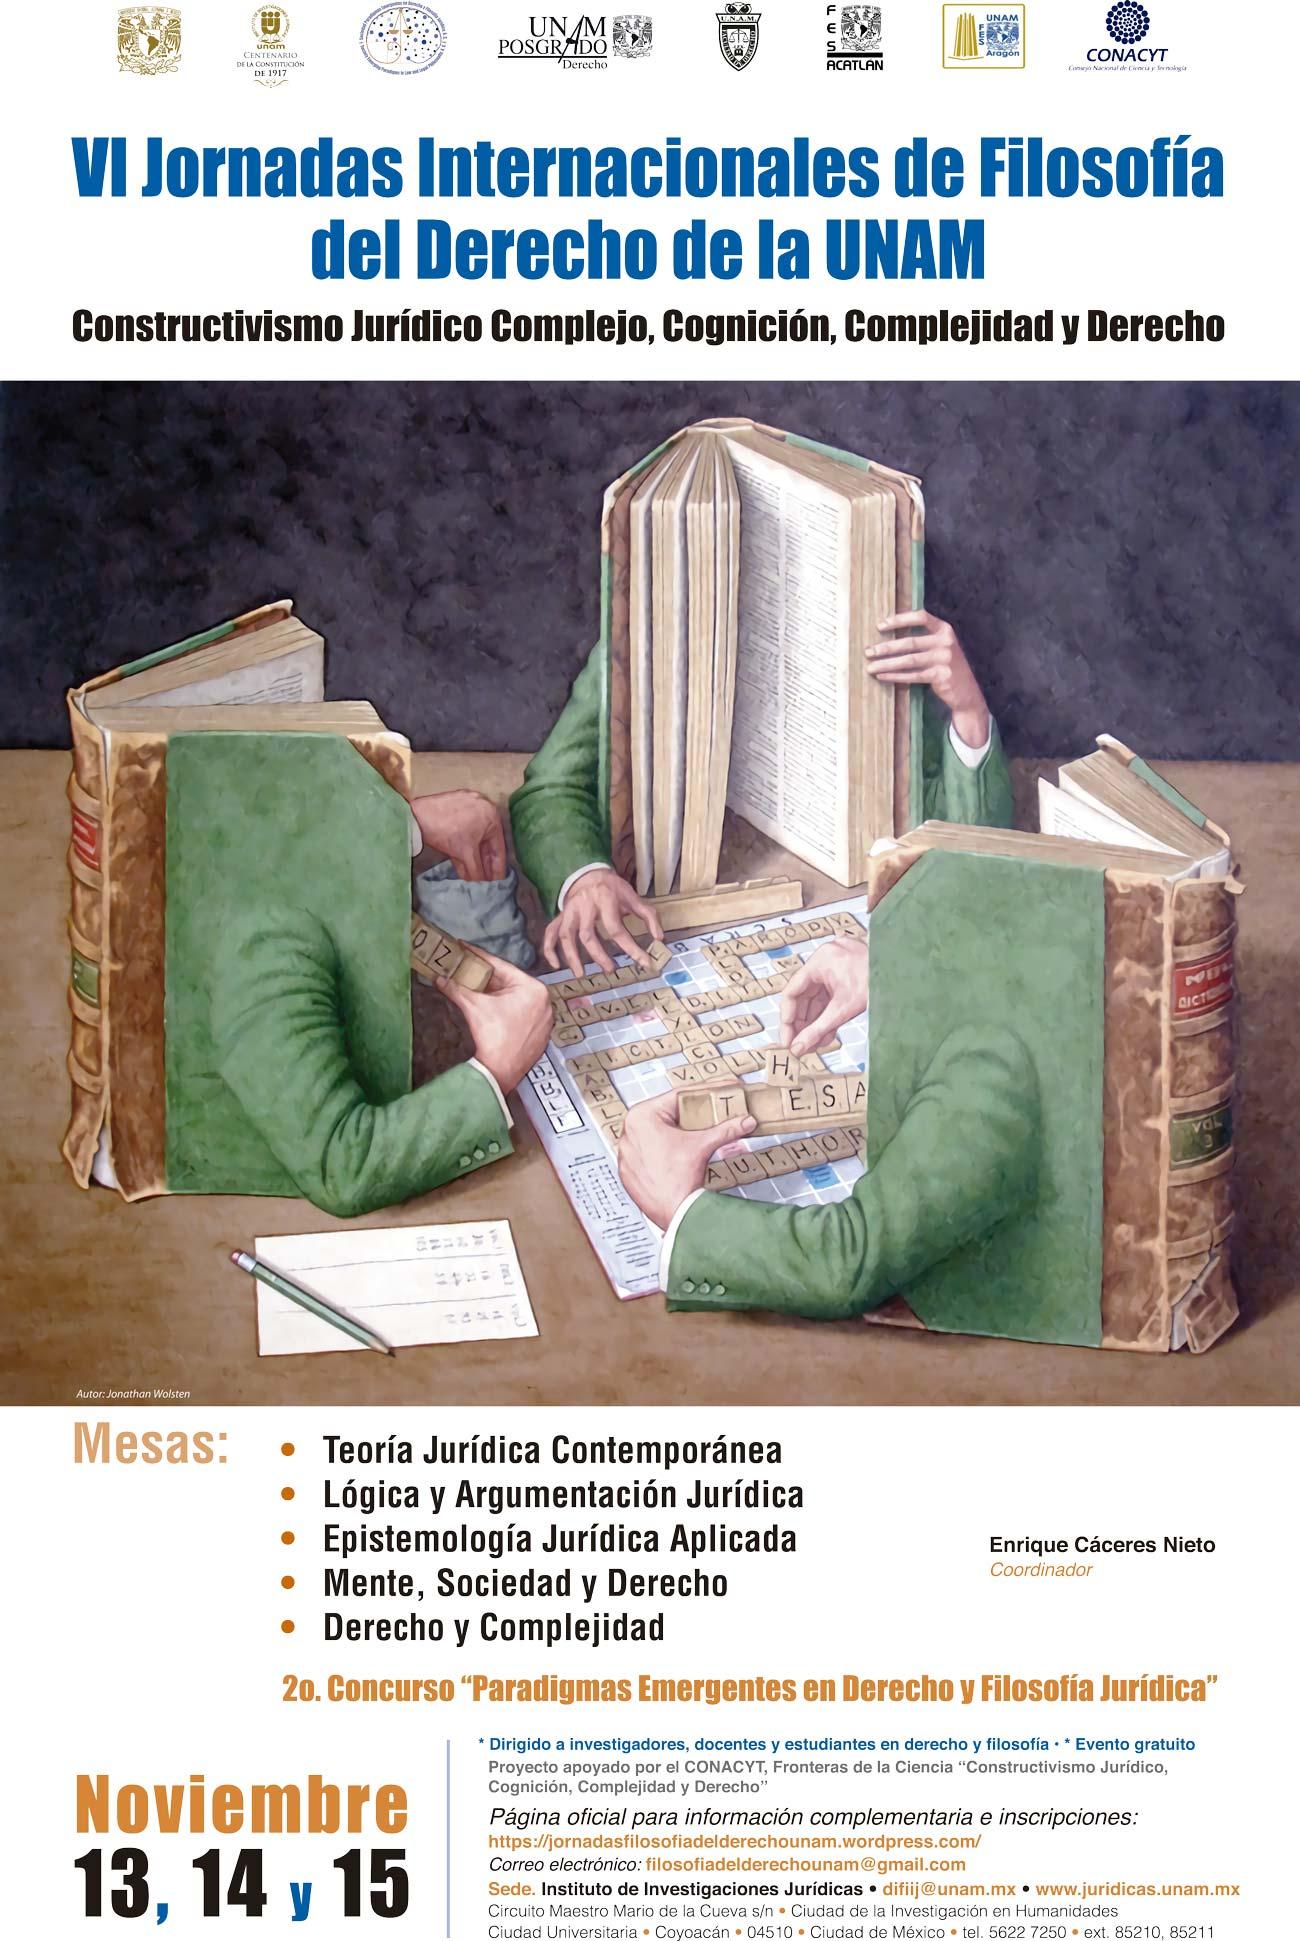 VI Jornadas Internacionales de Filosofía del Derecho de  la UNAM. Constructivismo Jurídico Complejo, Cognición, Complejidad y Derecho